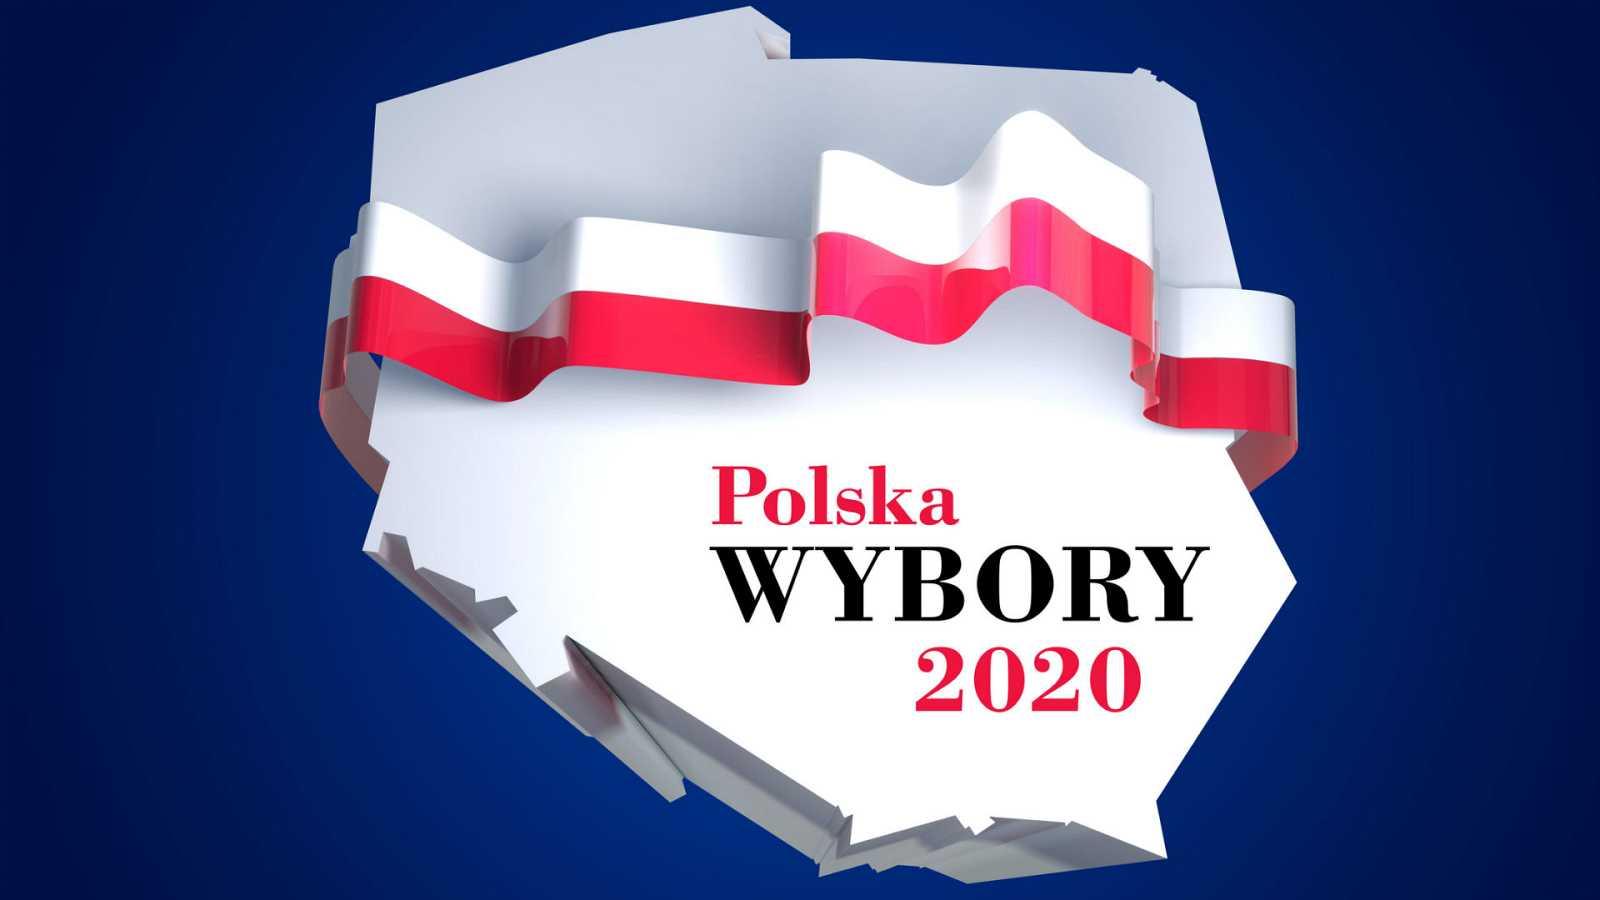 Europa abierta en Radio 5 - Polonia no cambia. Andrzej Duda reelegido presidente - 13/07/20 - escuchar ahora